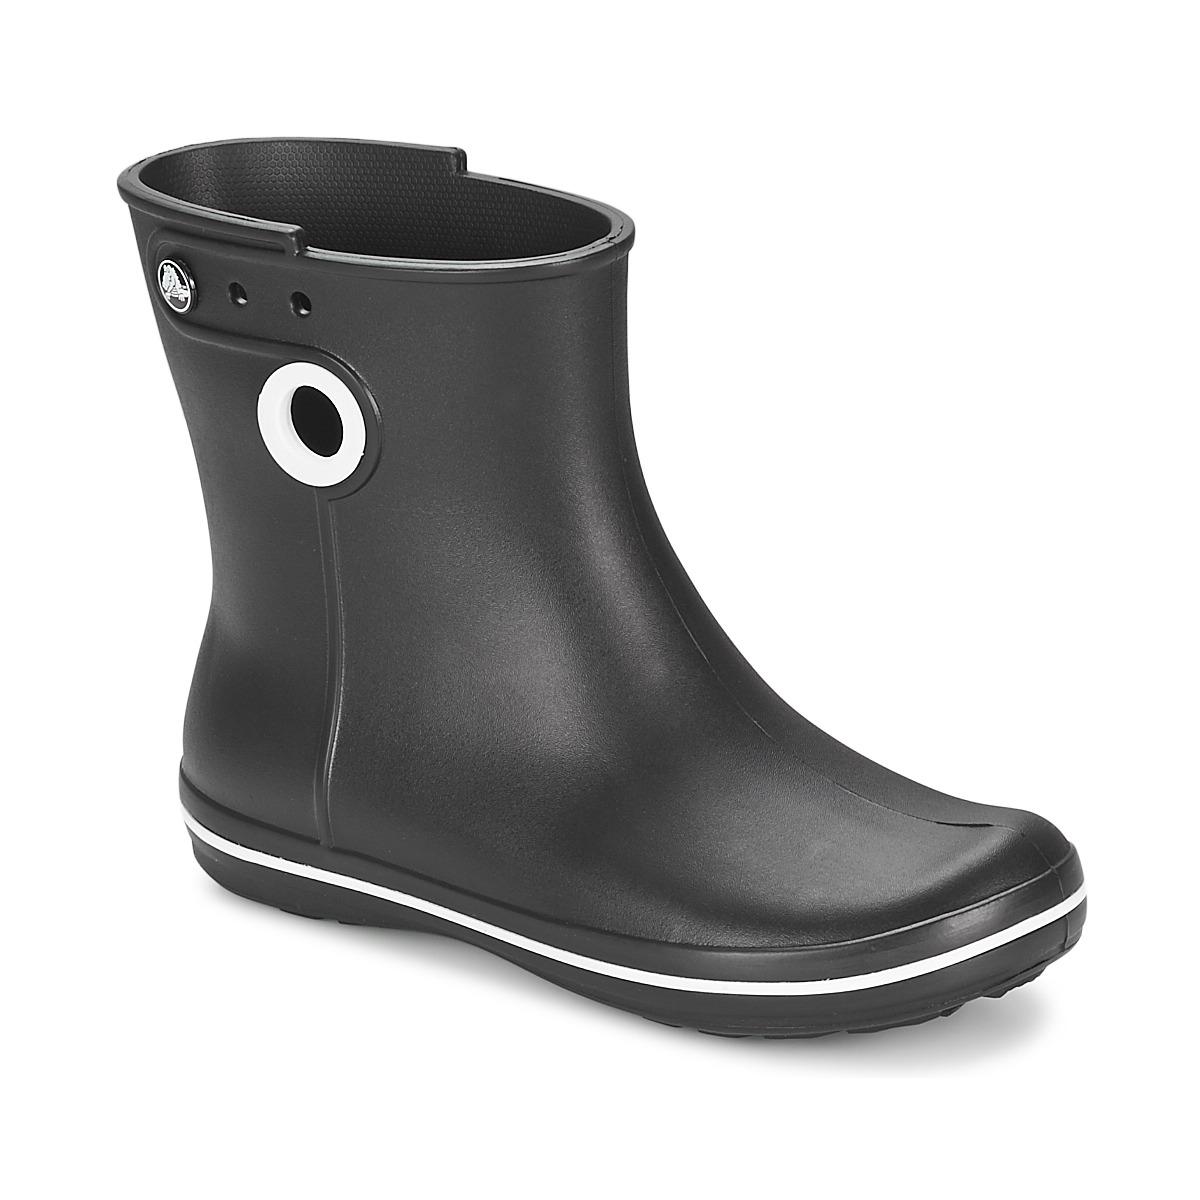 Crocs JAUNT SHORTY BOOT W-BLACK Schwarz - Kostenloser Versand bei Spartoode ! - Schuhe Gummistiefel Damen 32,00 €